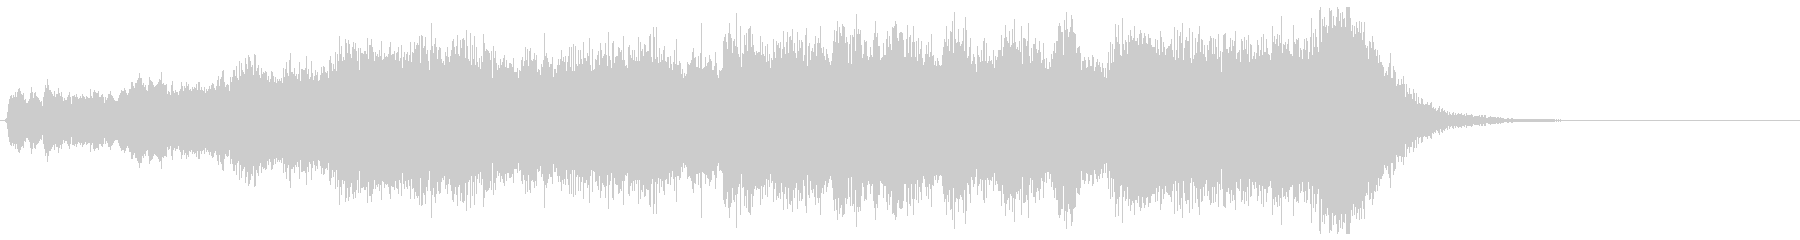 金管カノンが勇壮なフルオケジングル合唱付の未再生の波形